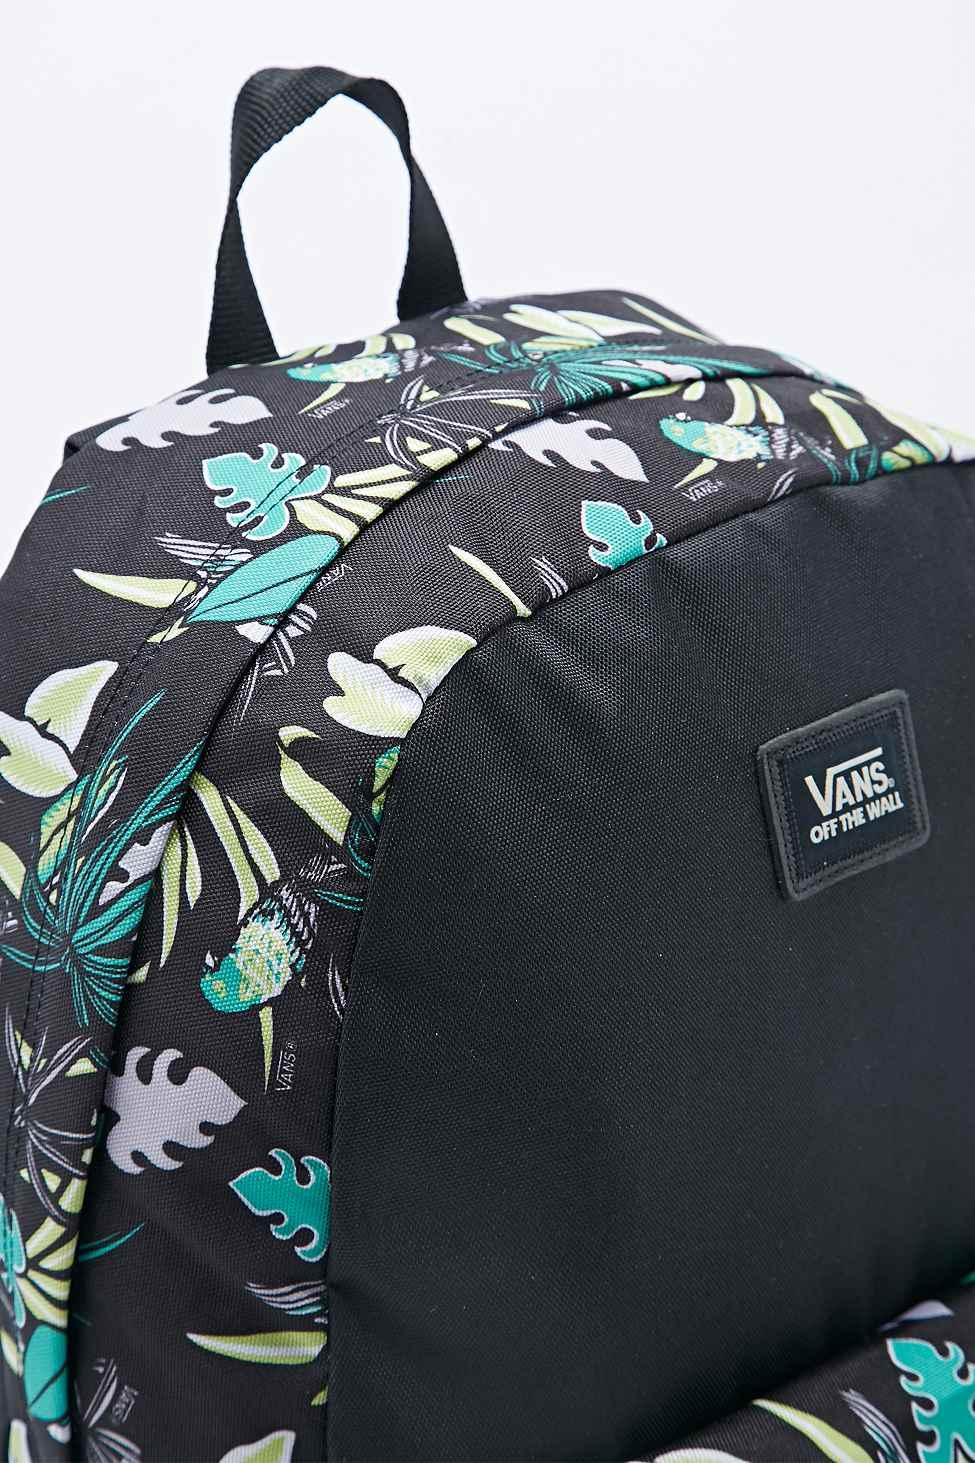 Vans Old Skool Tropical Backpack In Black in Black - Lyst